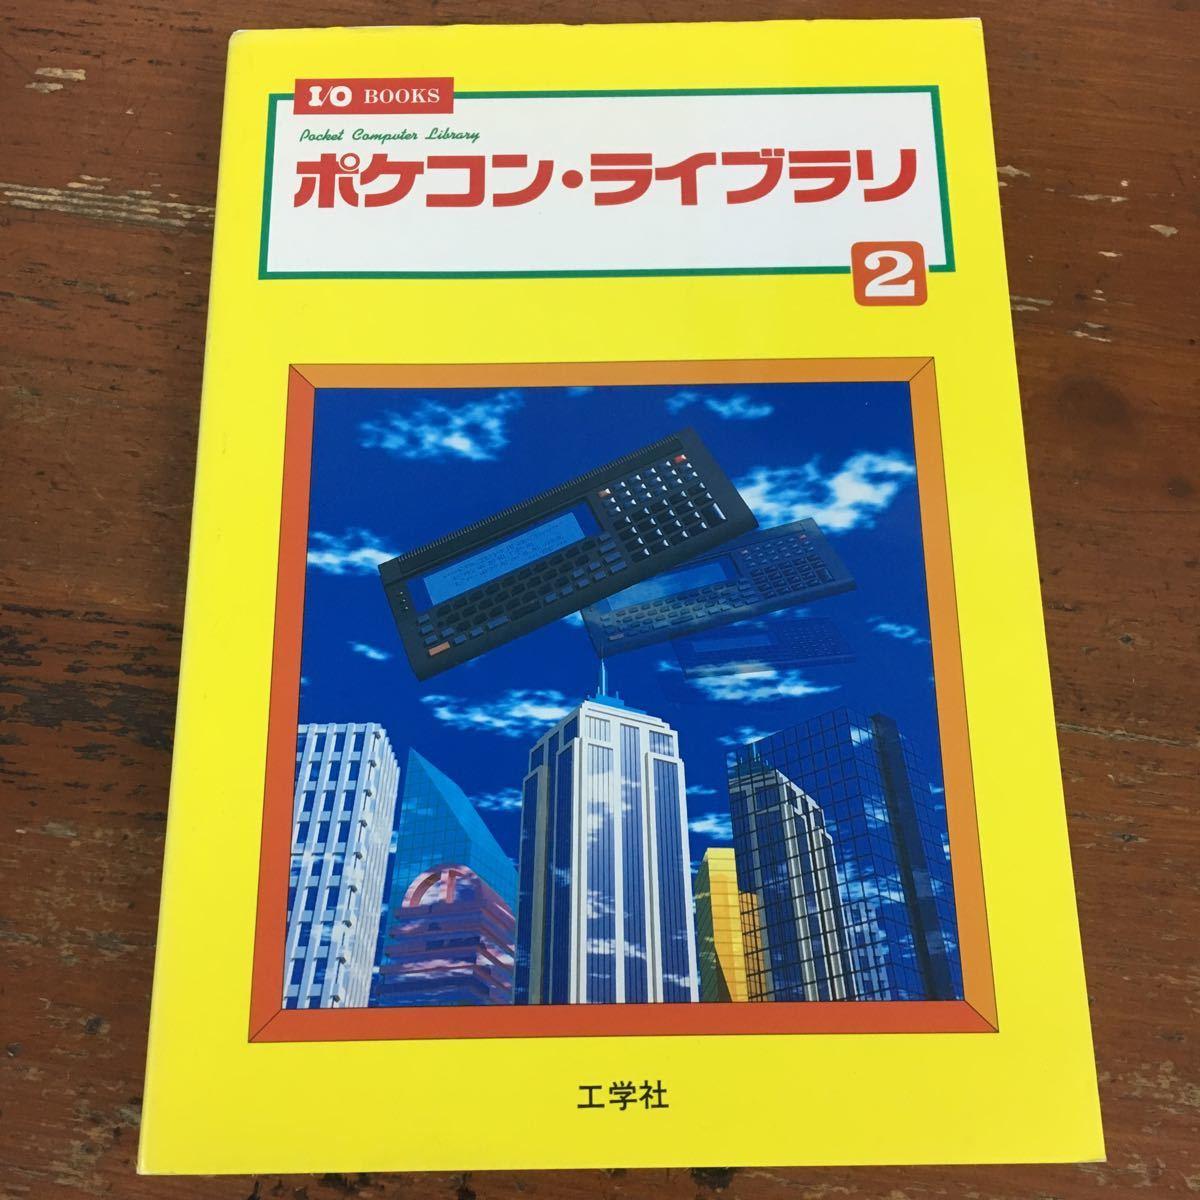 ポケットコンピュータ ポケコン・ライブラリ 2 工学社 i/o ブック 1992年 初版